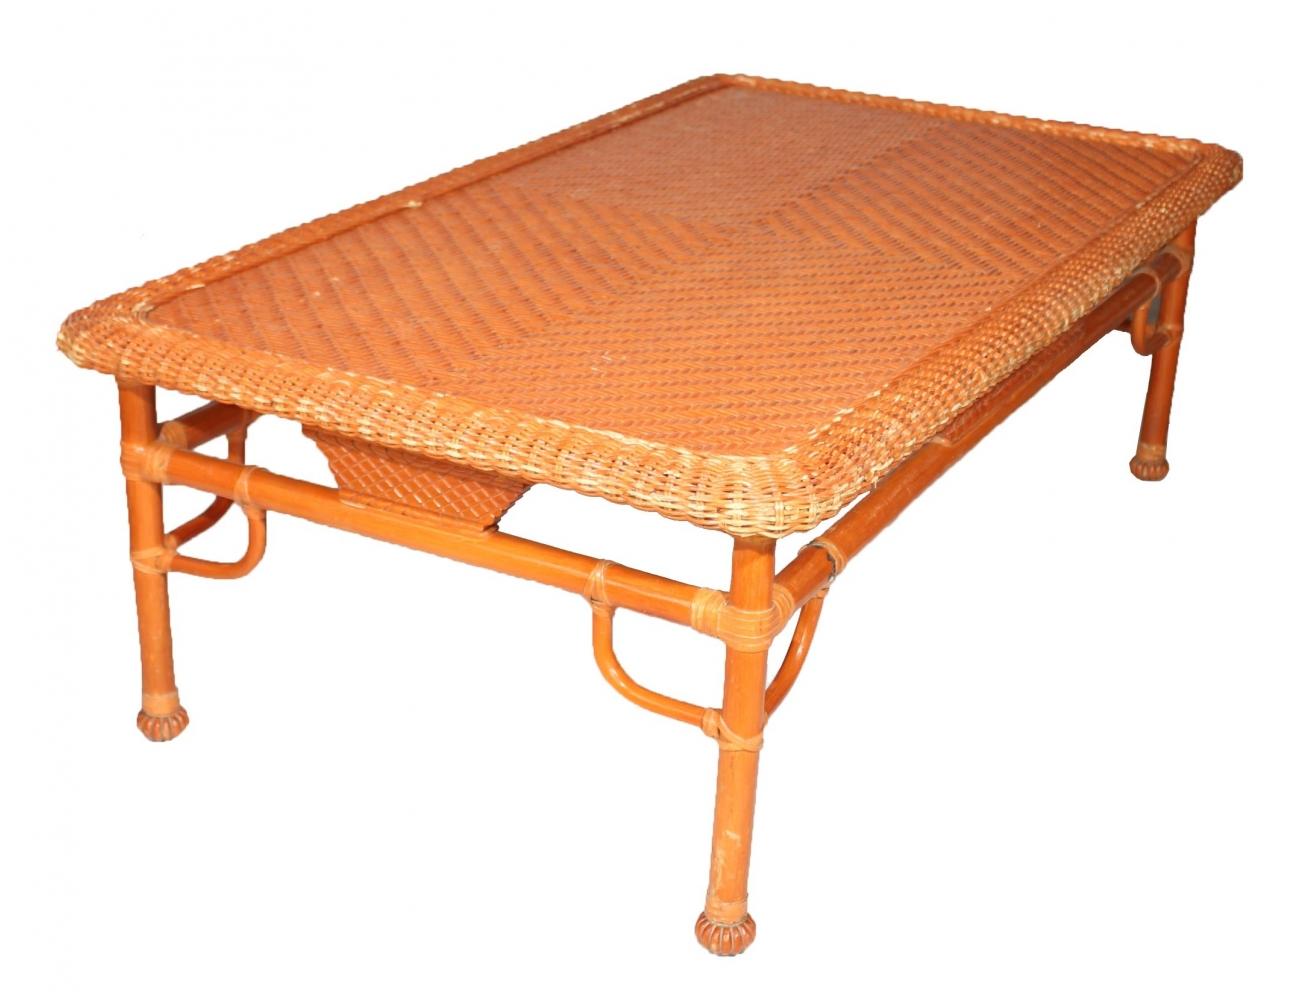 Mesas de mimbre trendy mesa ratona en mimbre rattan sintetico modelo globo with mesas de mimbre - Mesas de mimbre ...